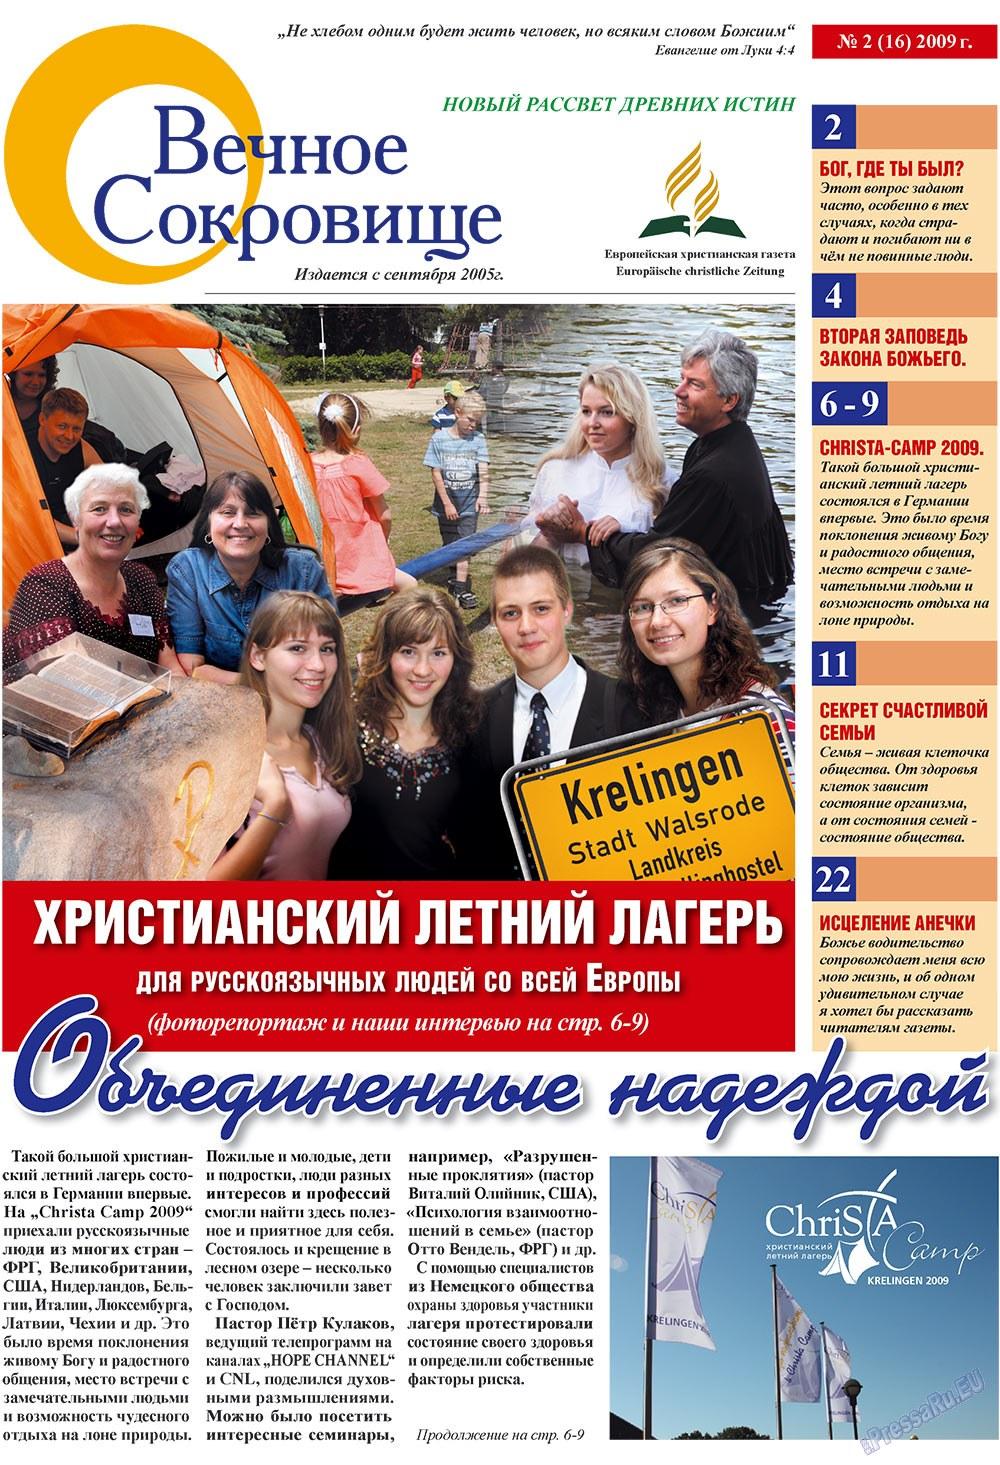 Вечное сокровище (газета). 2009 год, номер 2, стр. 1